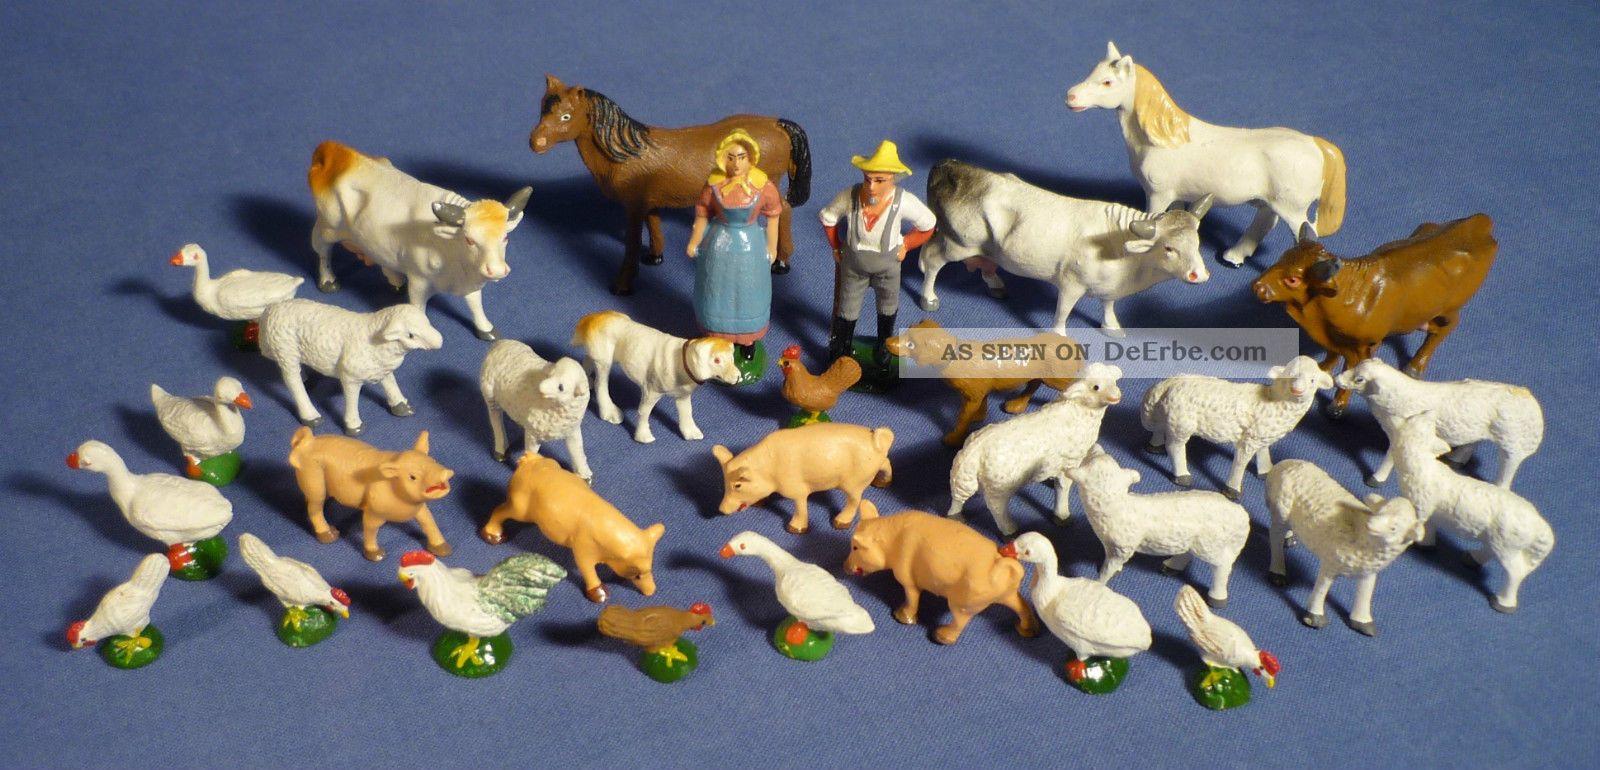 Hausser Elastolin Bauernhof Masse Figur Tiere Bauer Schaf Kuh Pferd Schwein G163 Gefertigt nach 1945 Bild